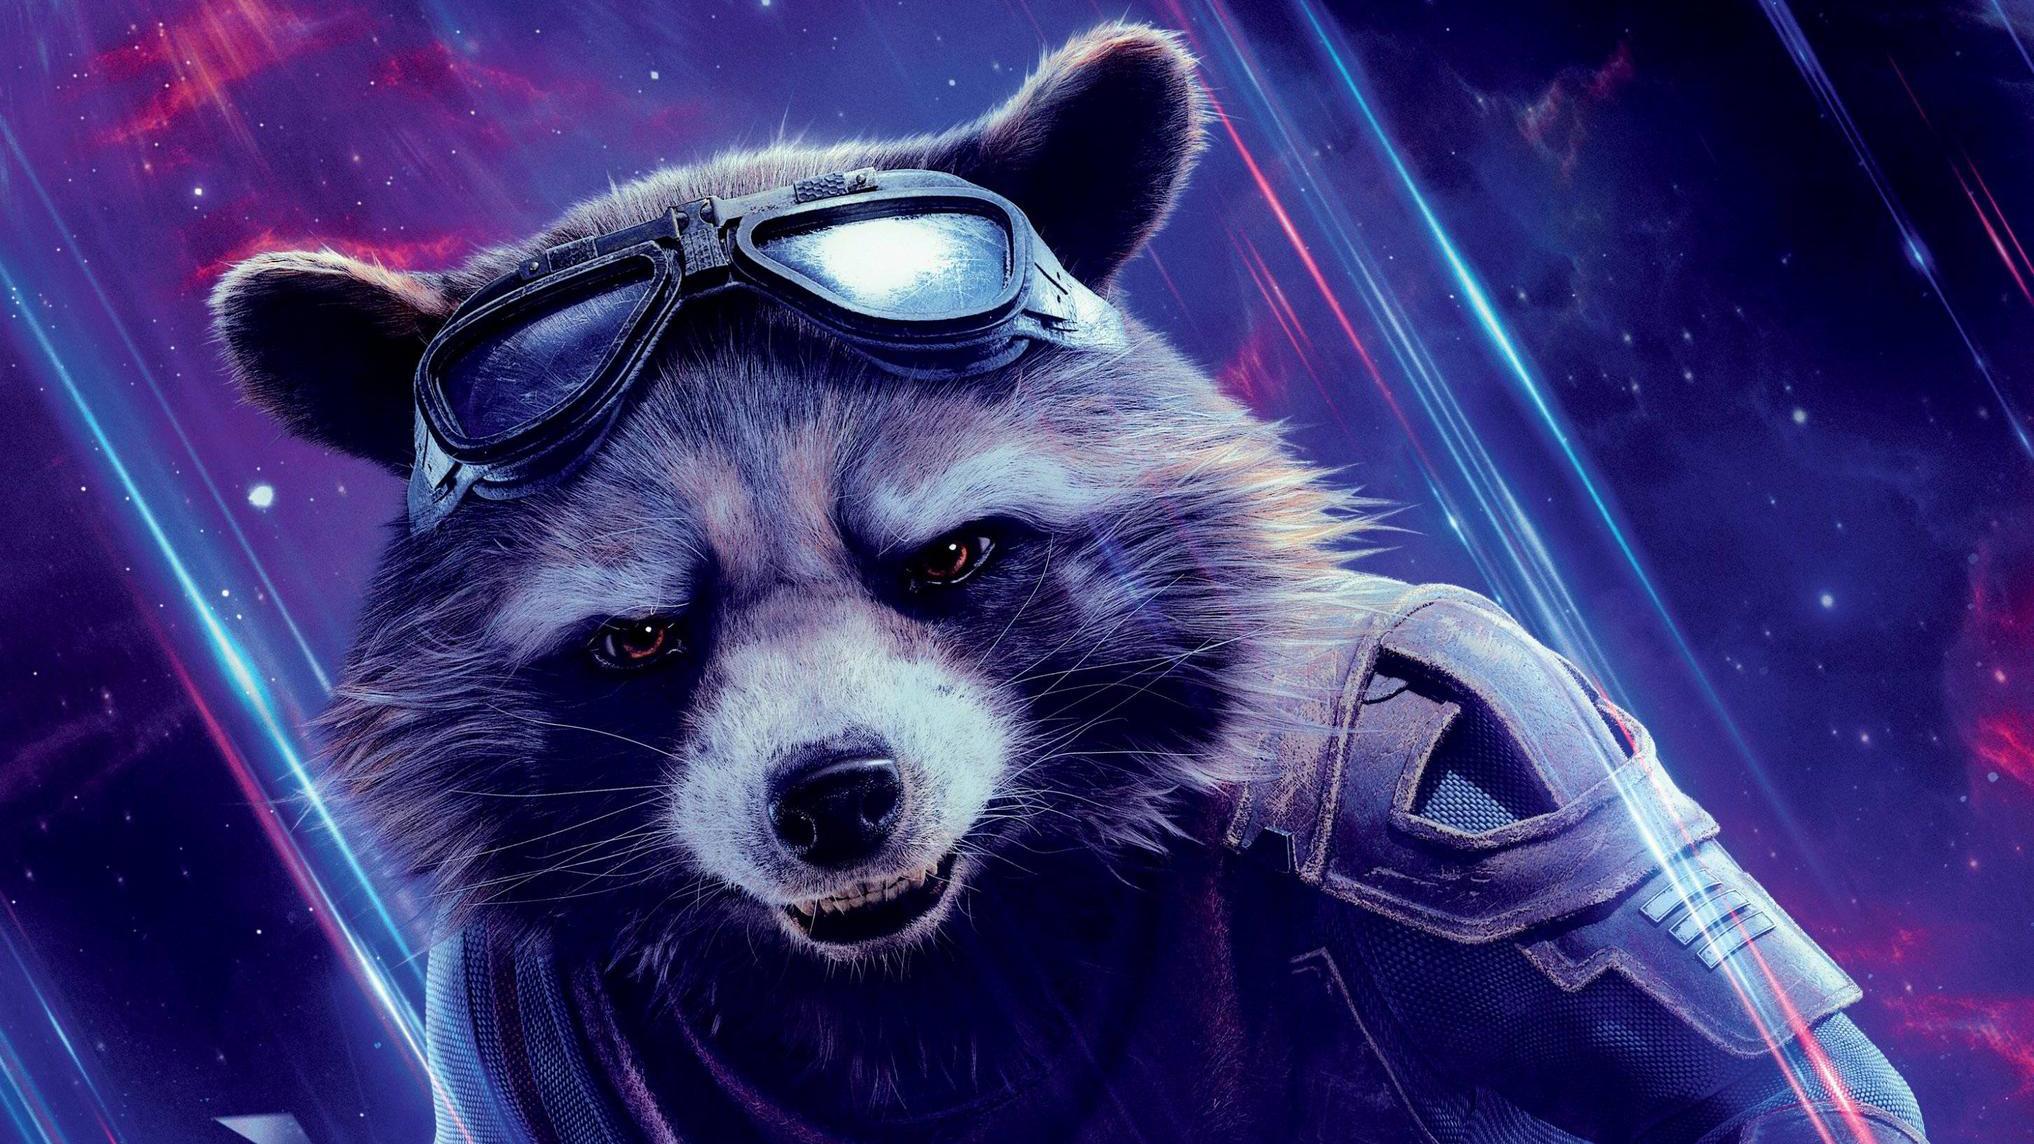 Rocket raccoon in avengers endgame hd movies 4k - Rocket raccoon phone wallpaper ...